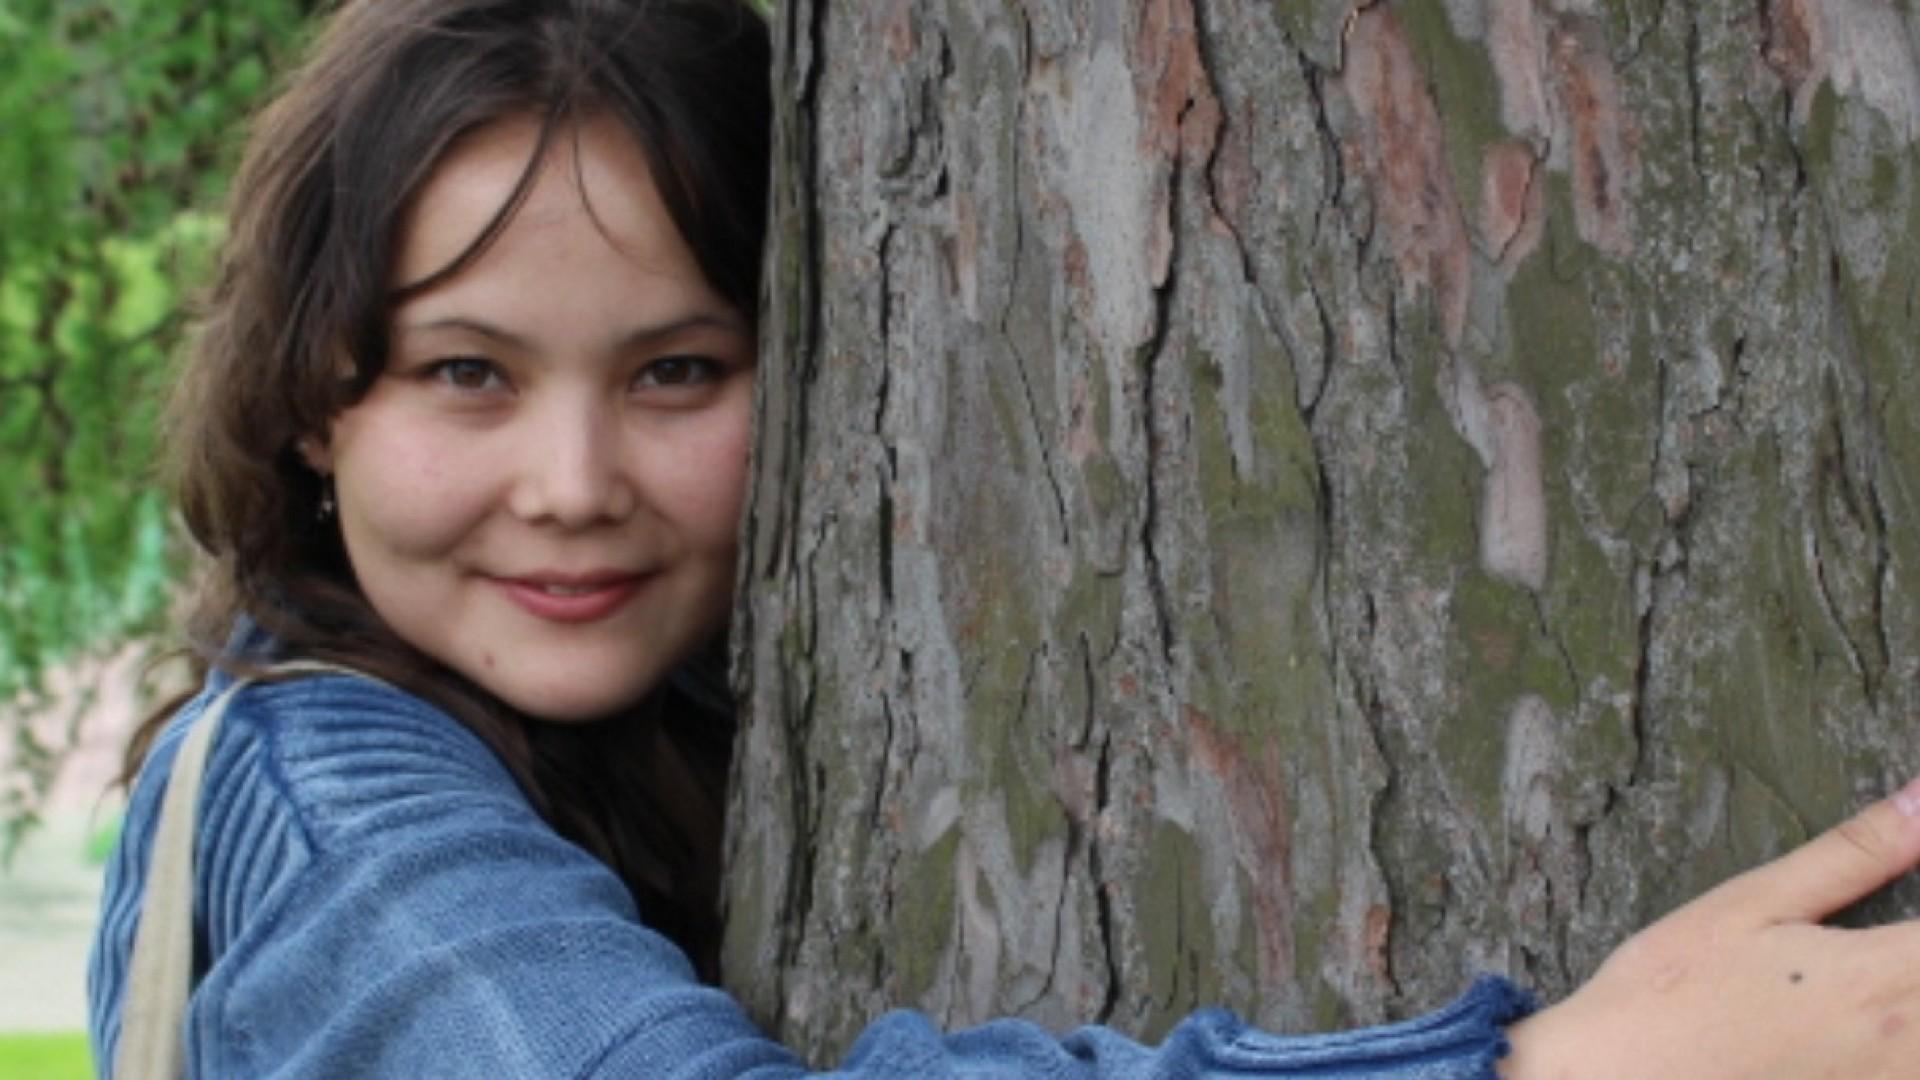 Аделия Амраева: «Я очень надеюсь, что чувствую детей. Но каждый раз в этом сомневаюсь»